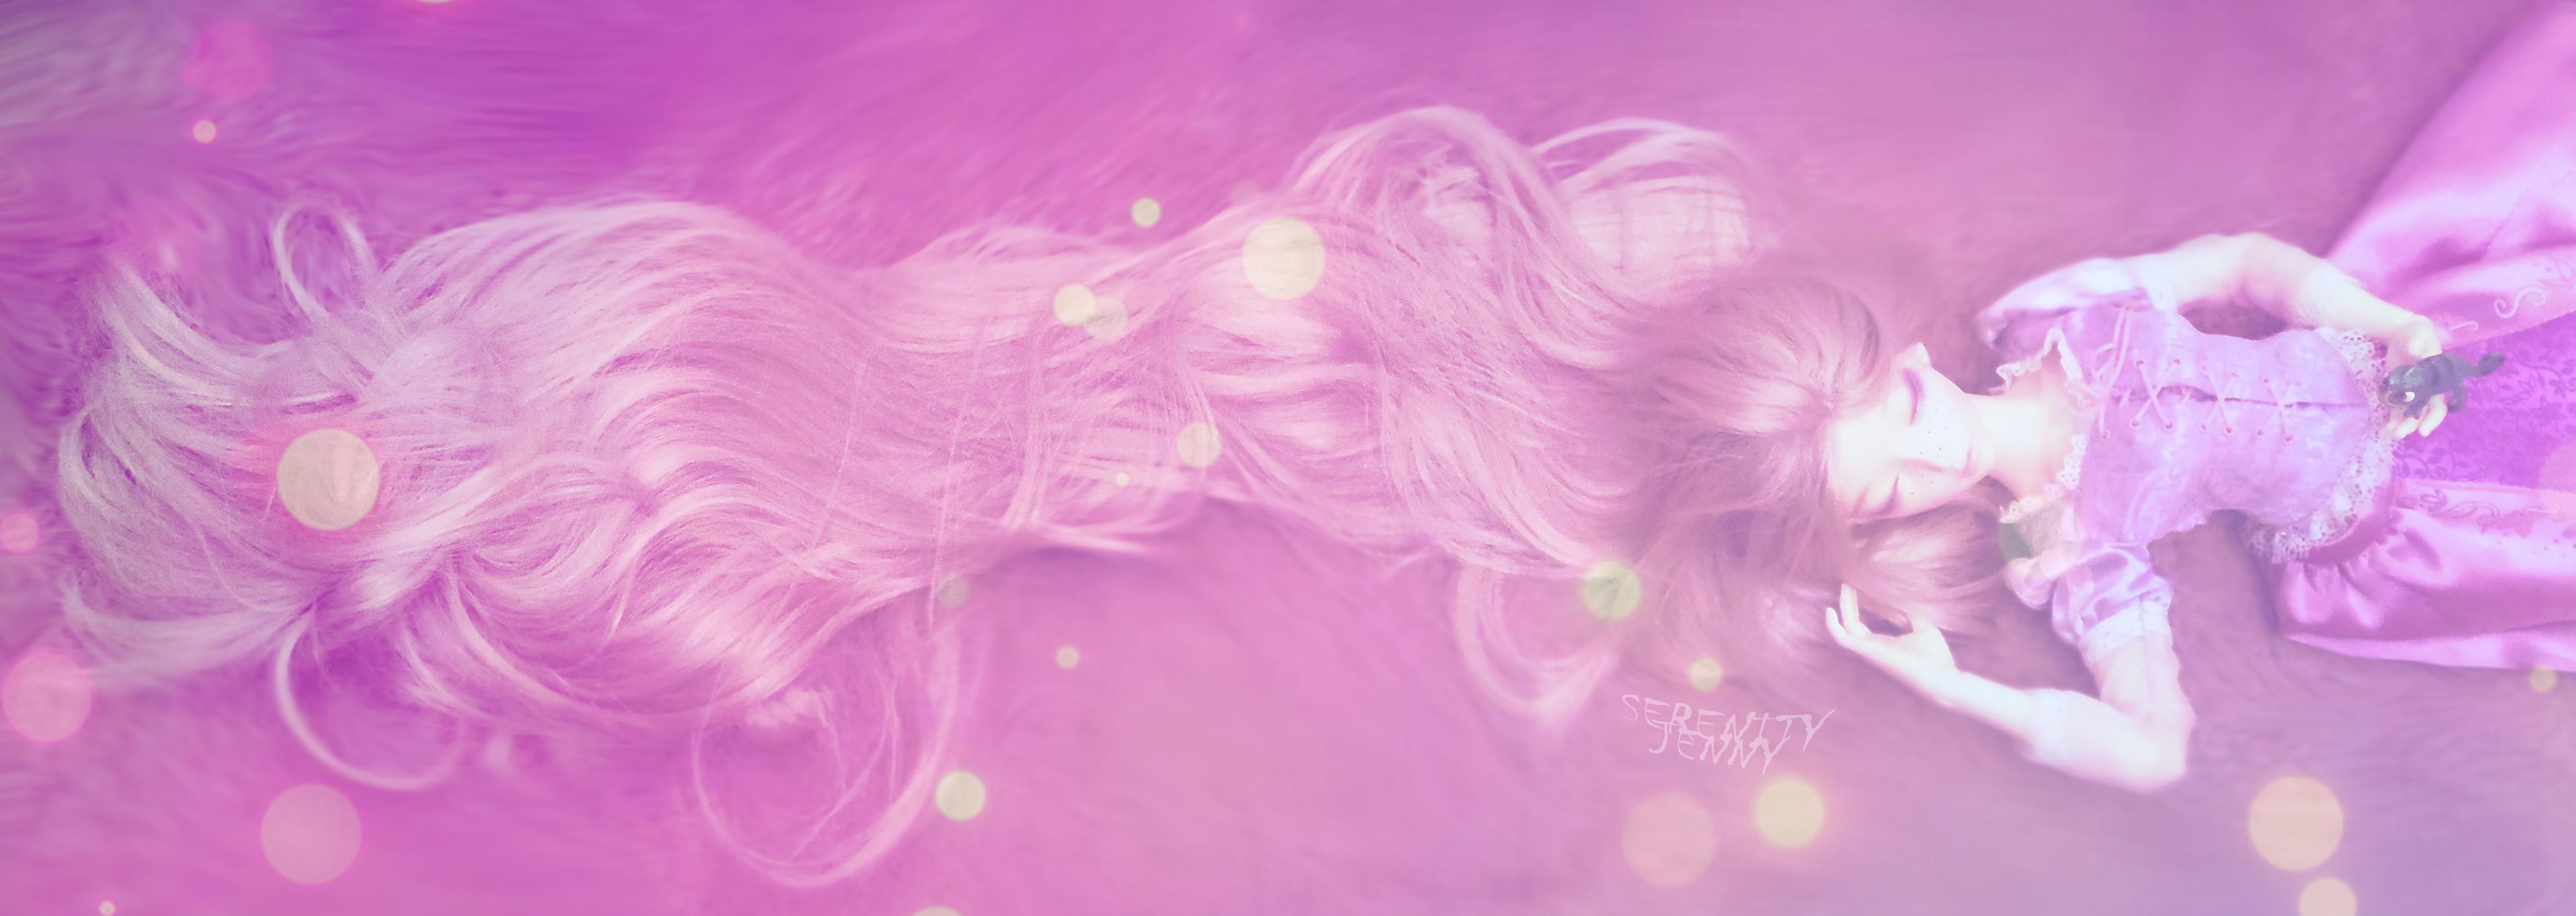 Sfondi rosa 55 immagini for Sfondi hd viola